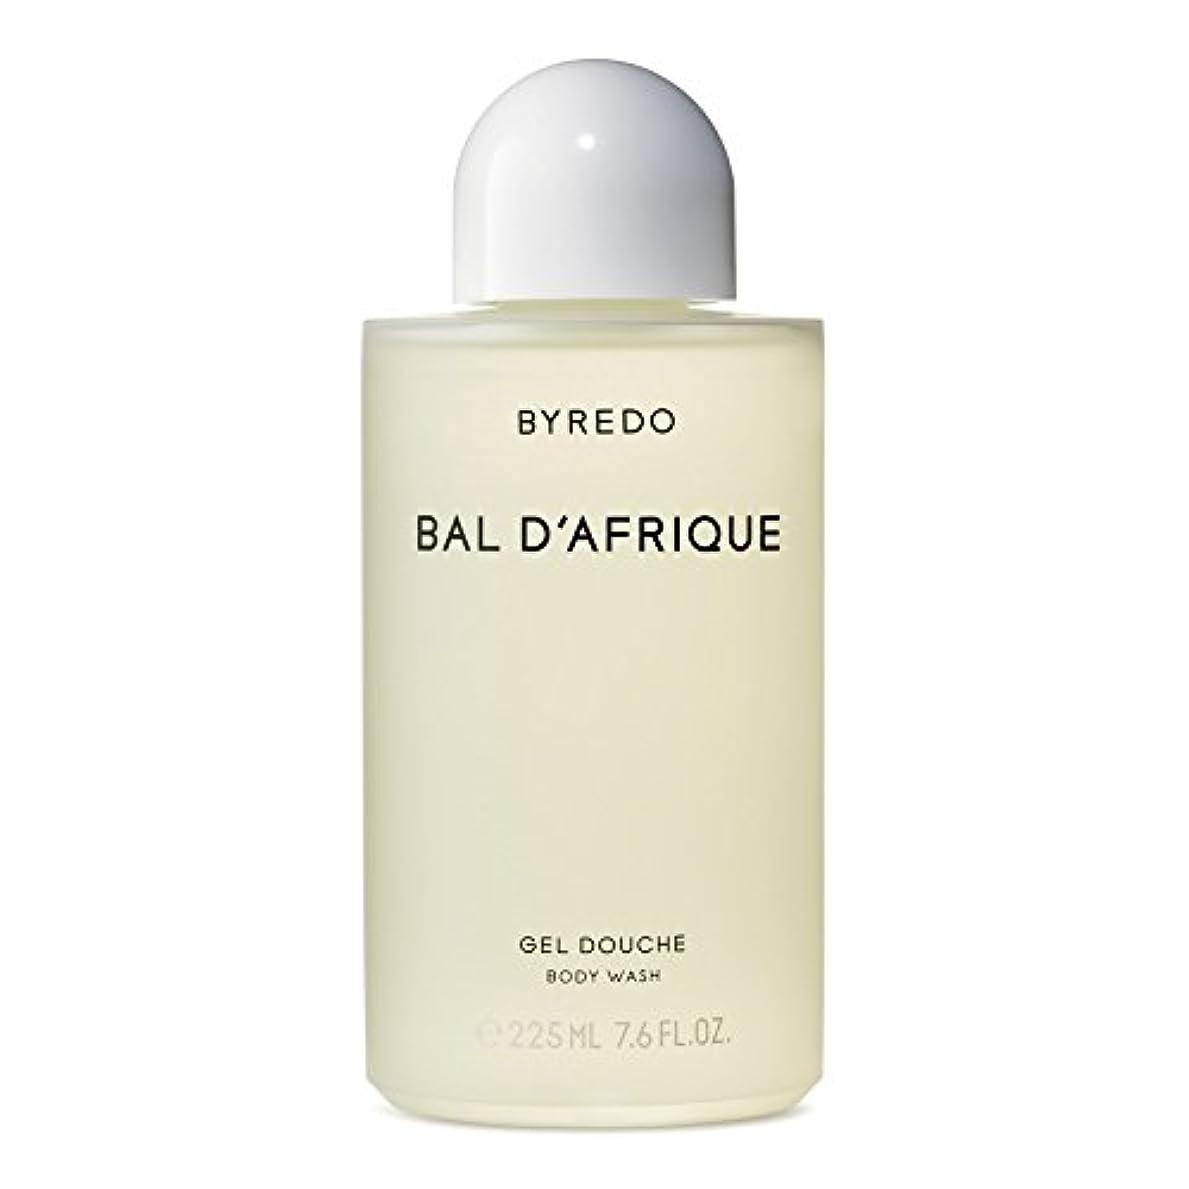 アクチュエータ環境に優しい子Byredo Bal d'Afrique Body Wash 225ml - 'のボディウォッシュ225ミリリットル [並行輸入品]